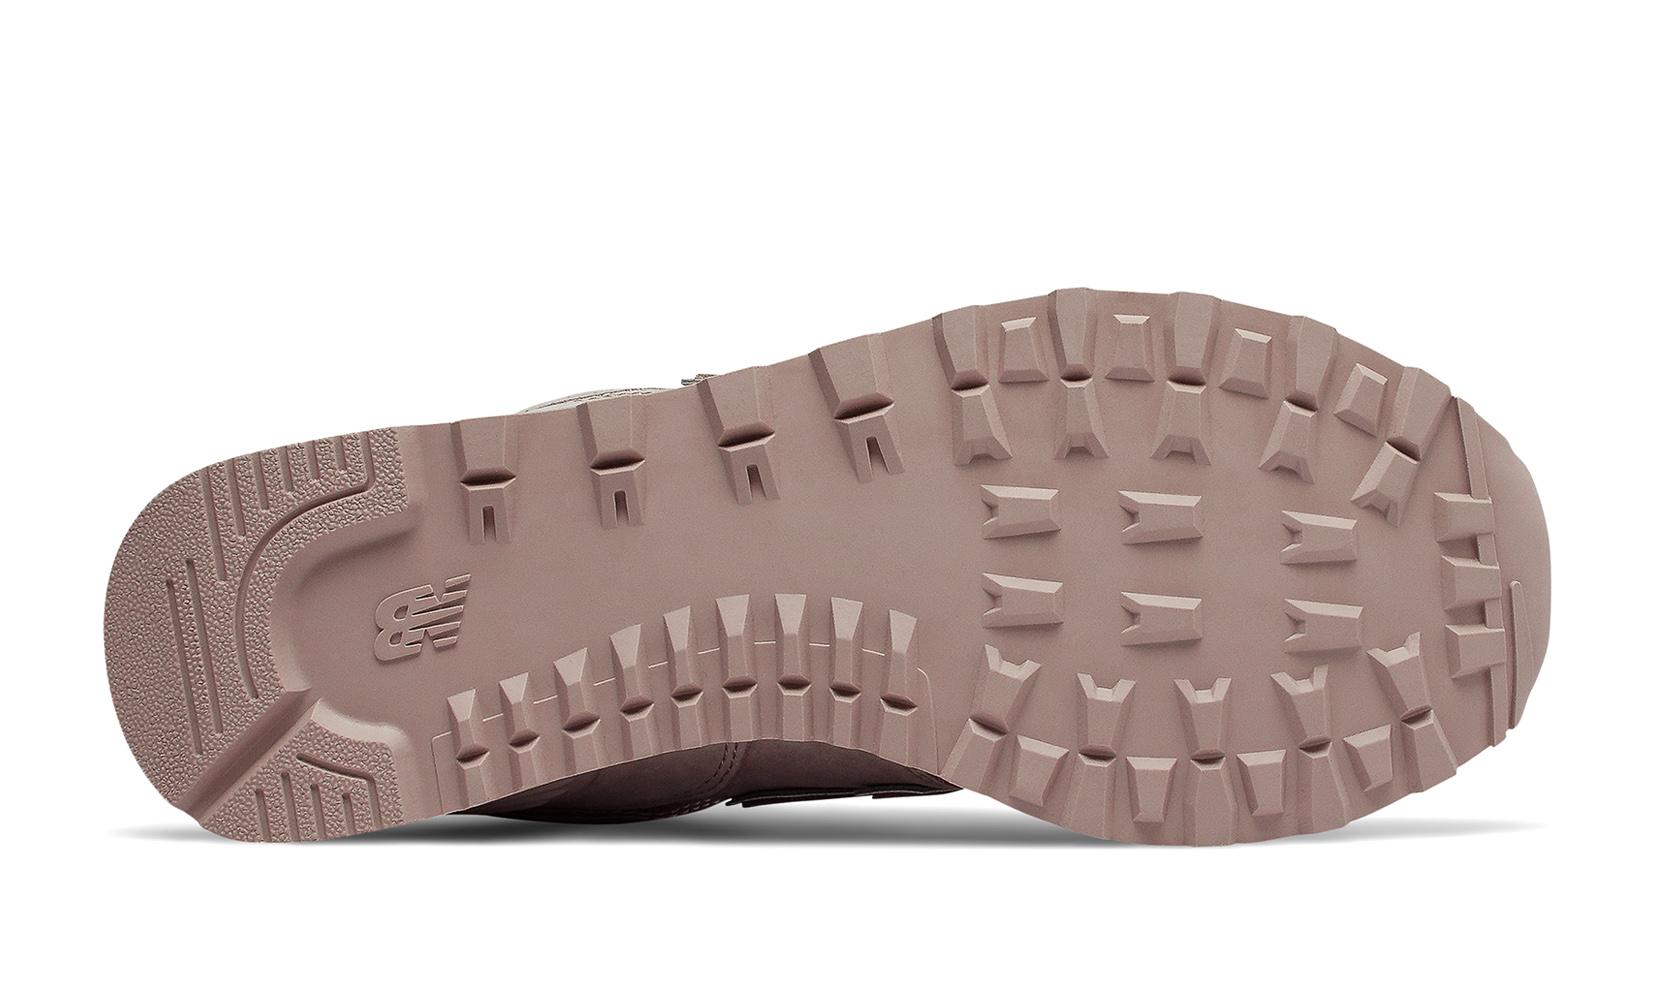 Жіноче взуття повсякденне 574 Nubuck WL574NBM | New Balance